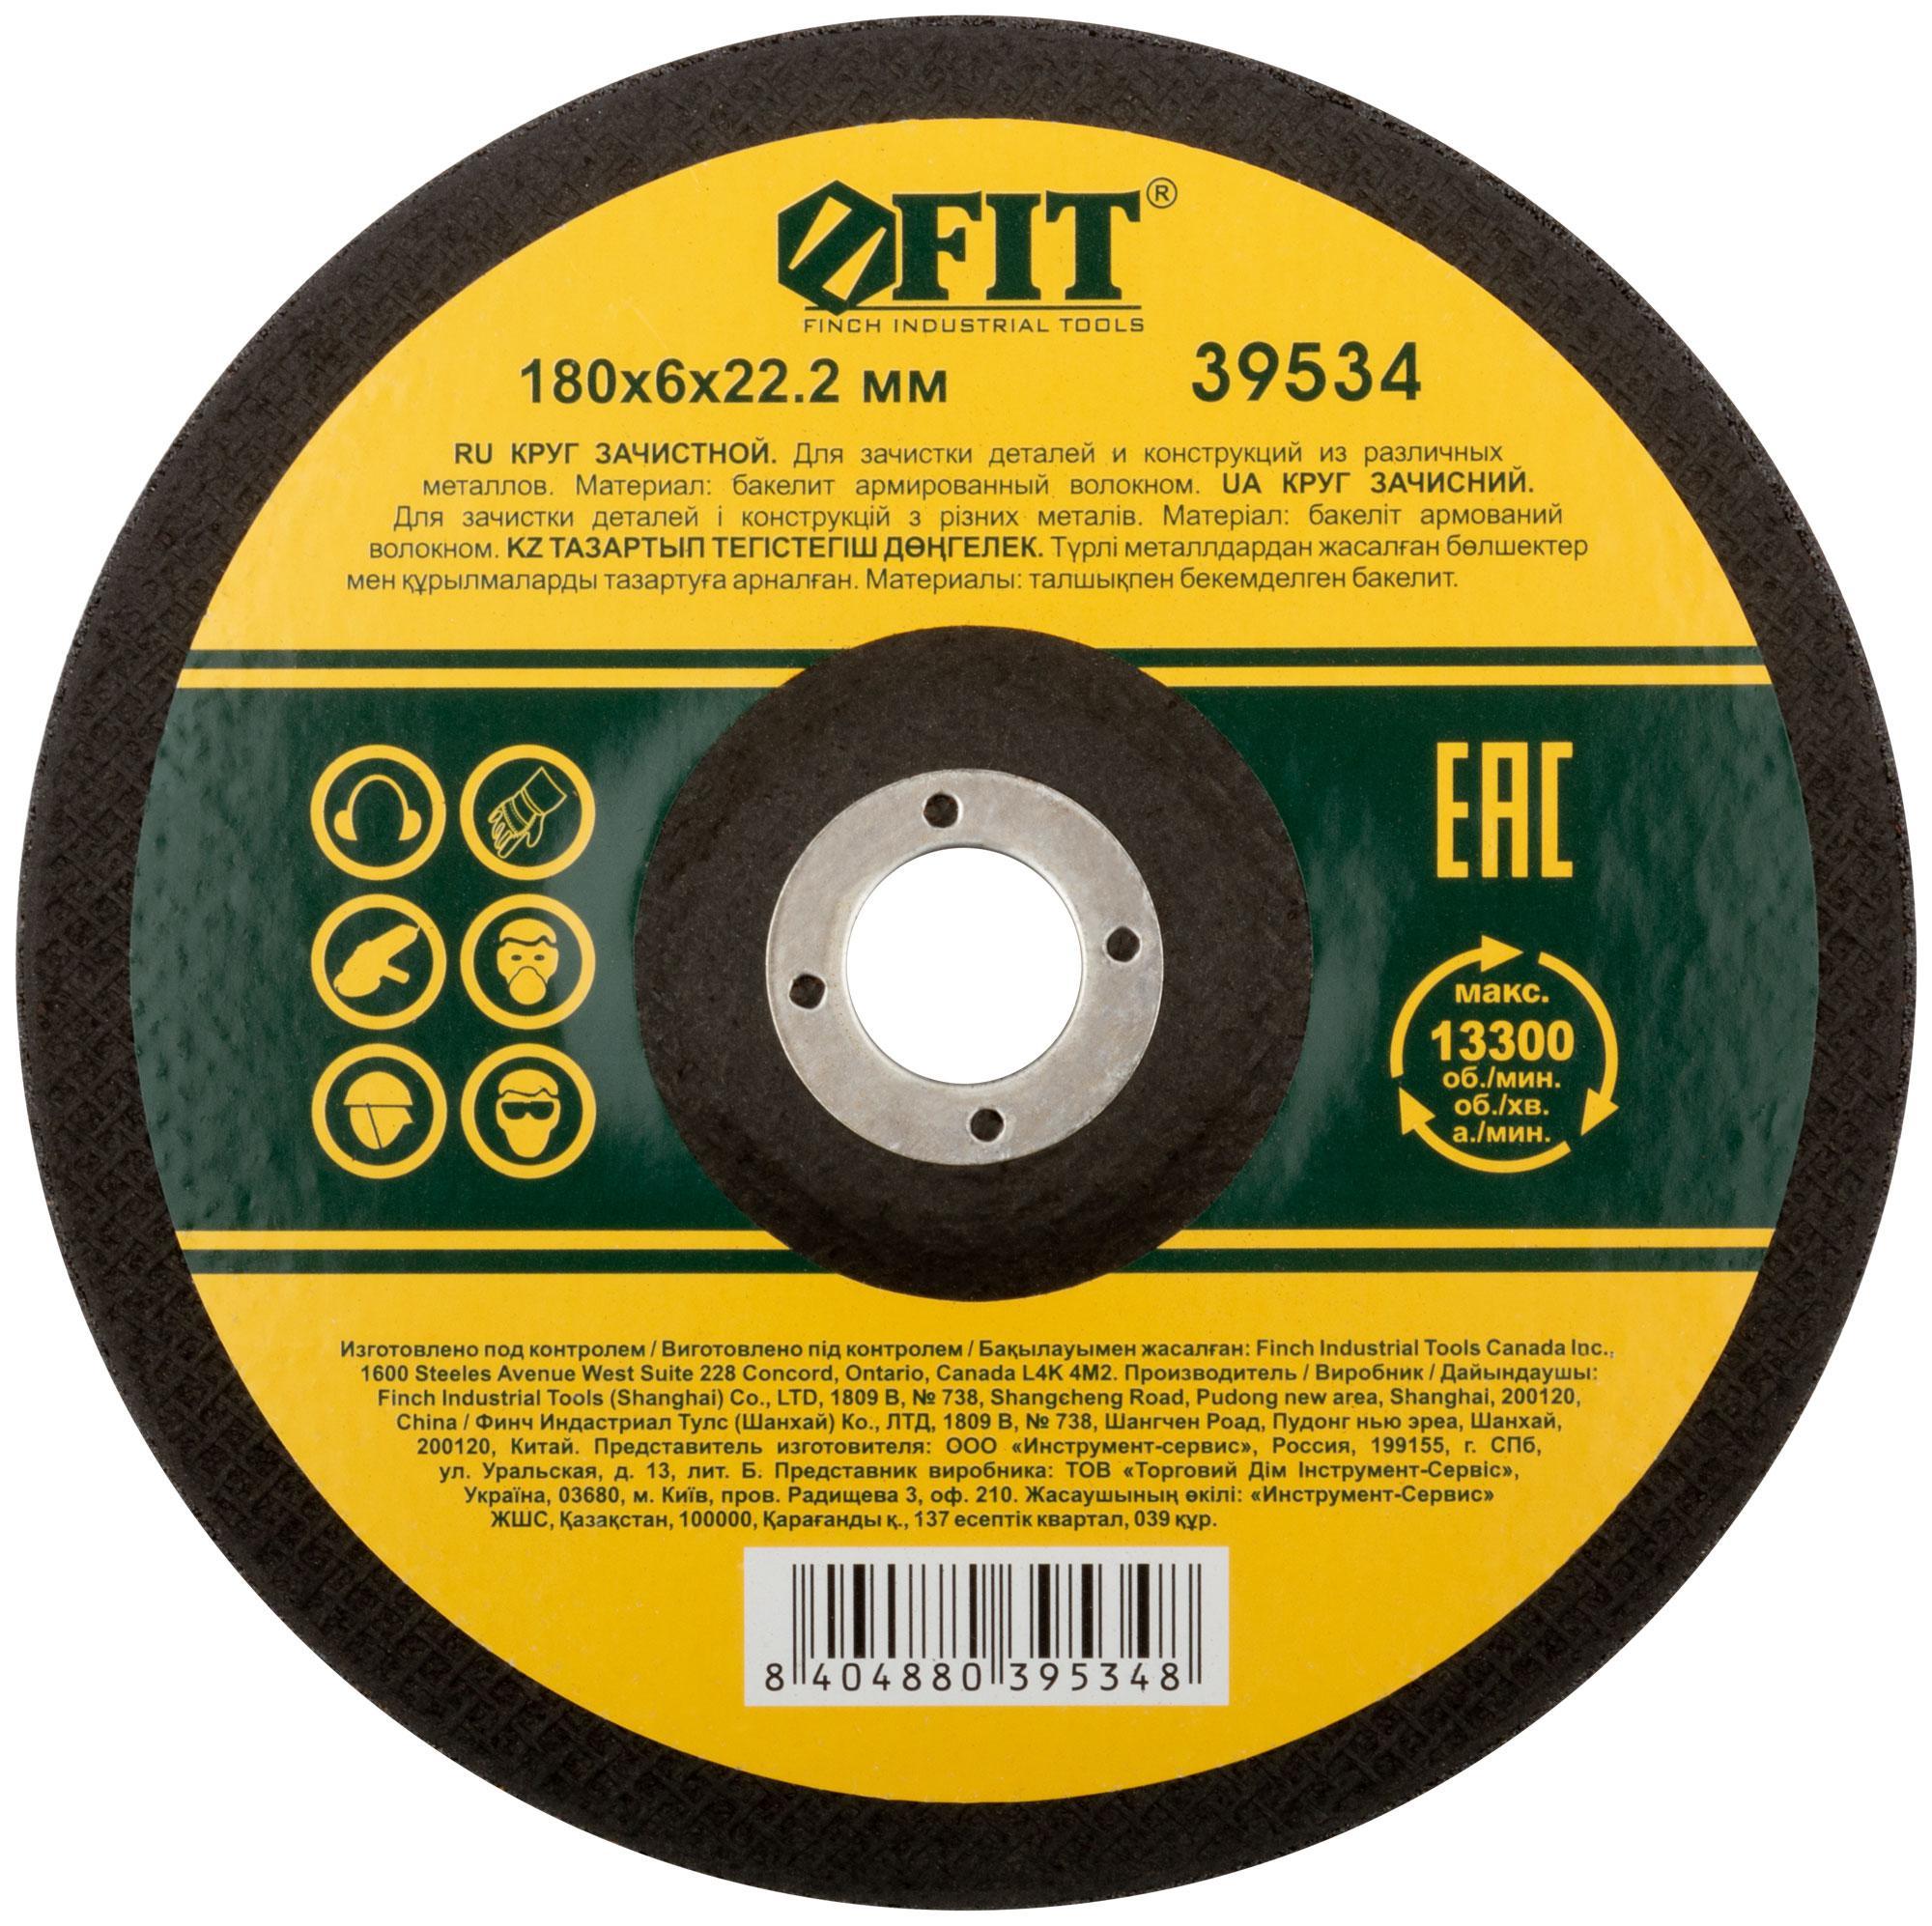 Круг зачистной Fit 39534 трал тяжеловоз чмзап 83991 бу продатся